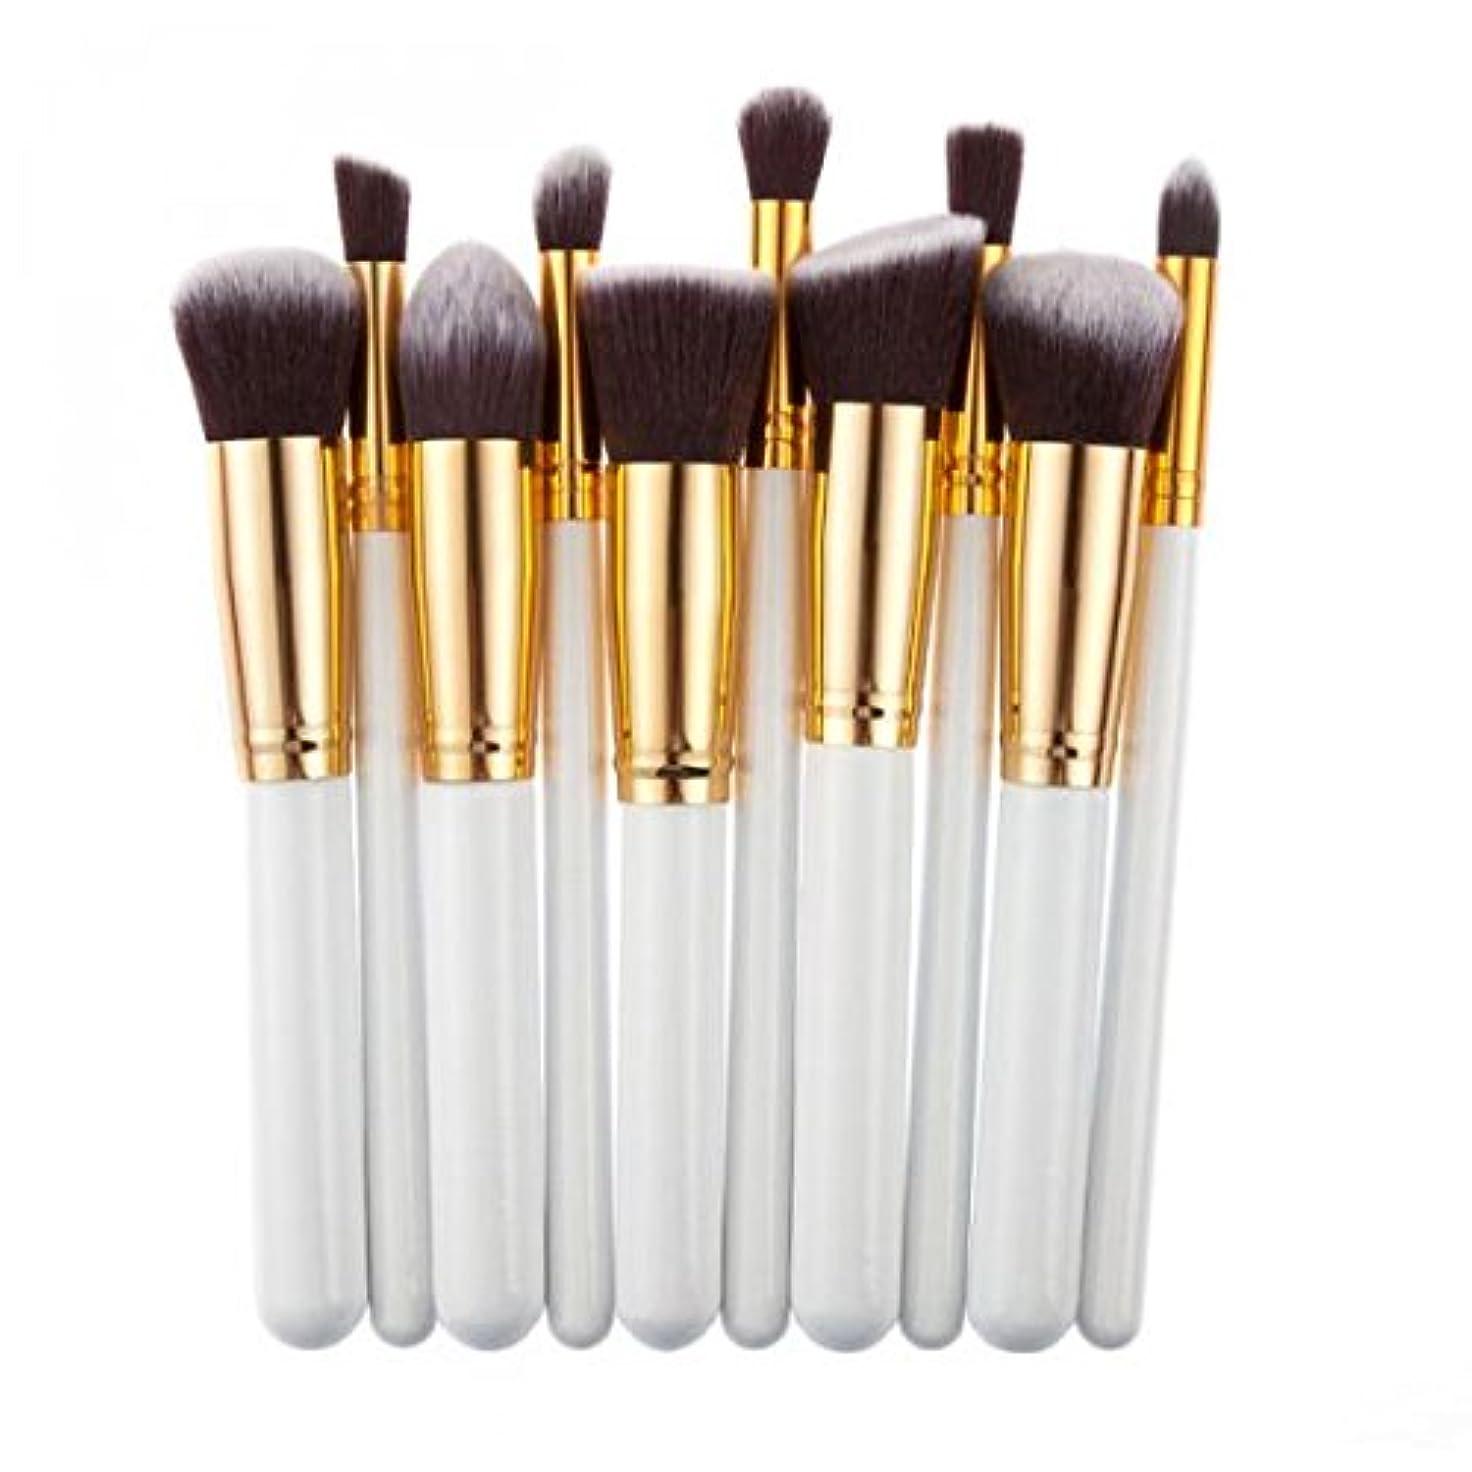 持続する累計不屈CUTICATE 化粧ブラシ メイクブラシ 10本セット ファンデーションブラシ コンシーラーパレット プロ用 6色選べる - 白ゴールド